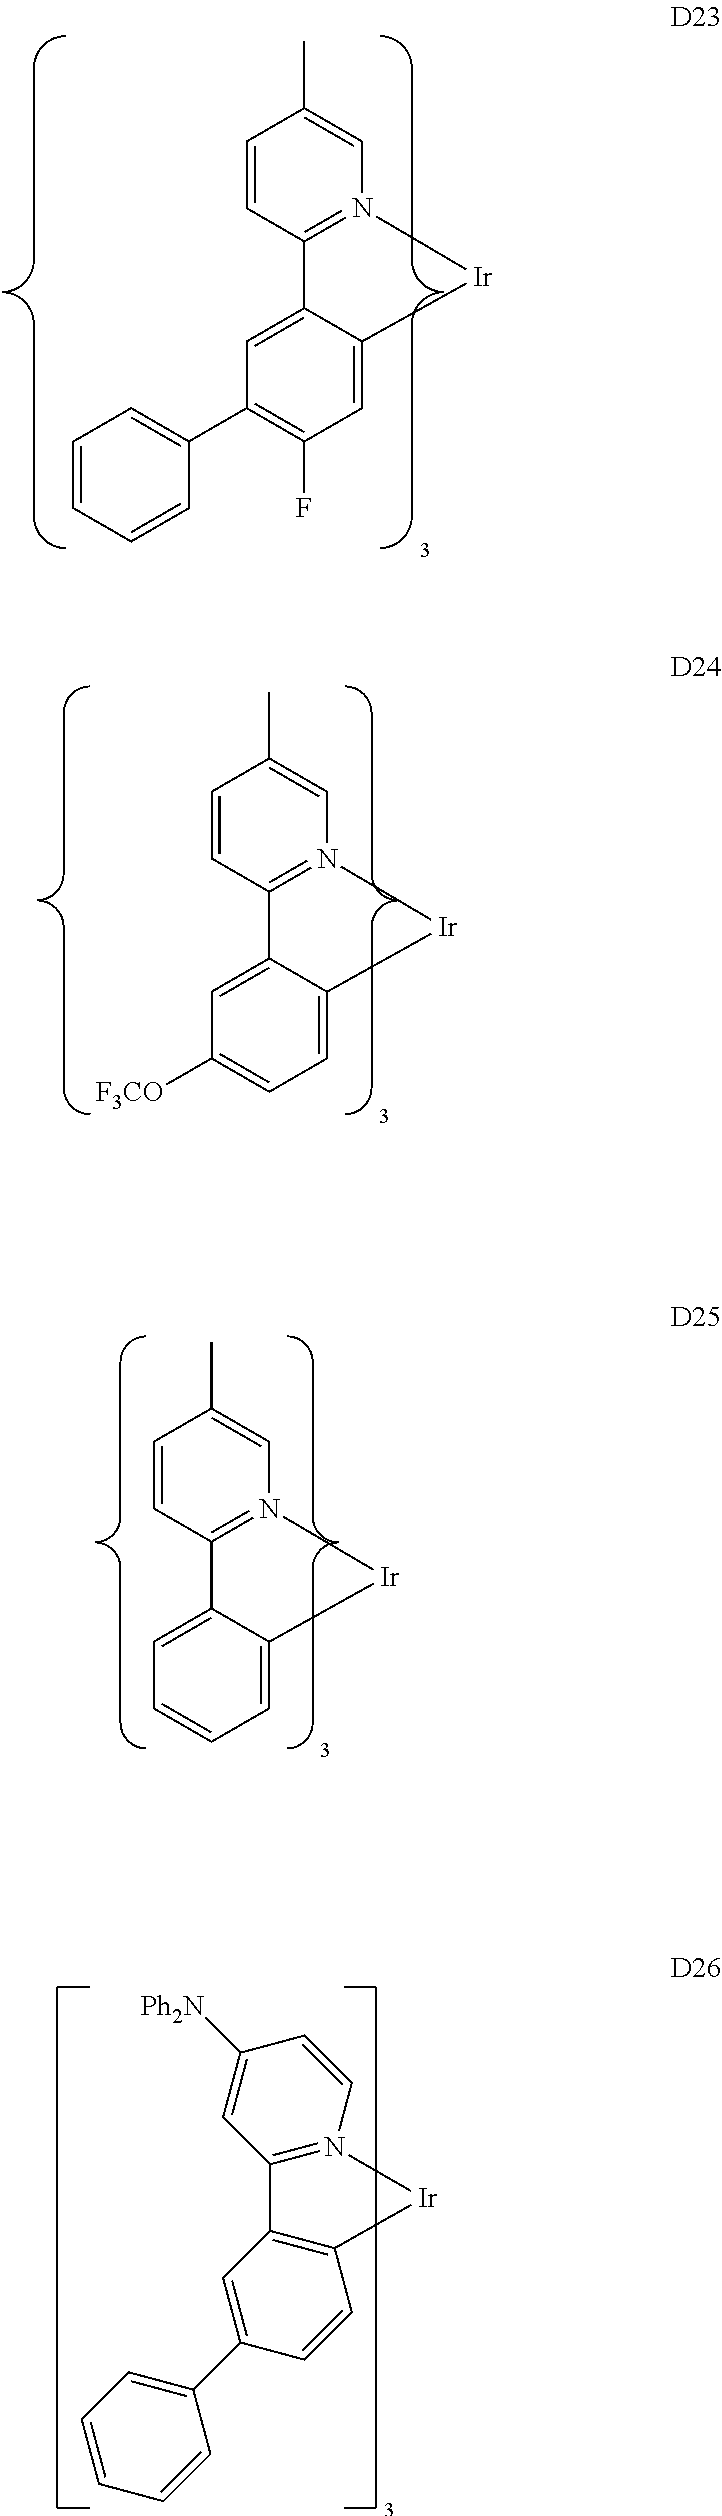 Figure US09496506-20161115-C00014